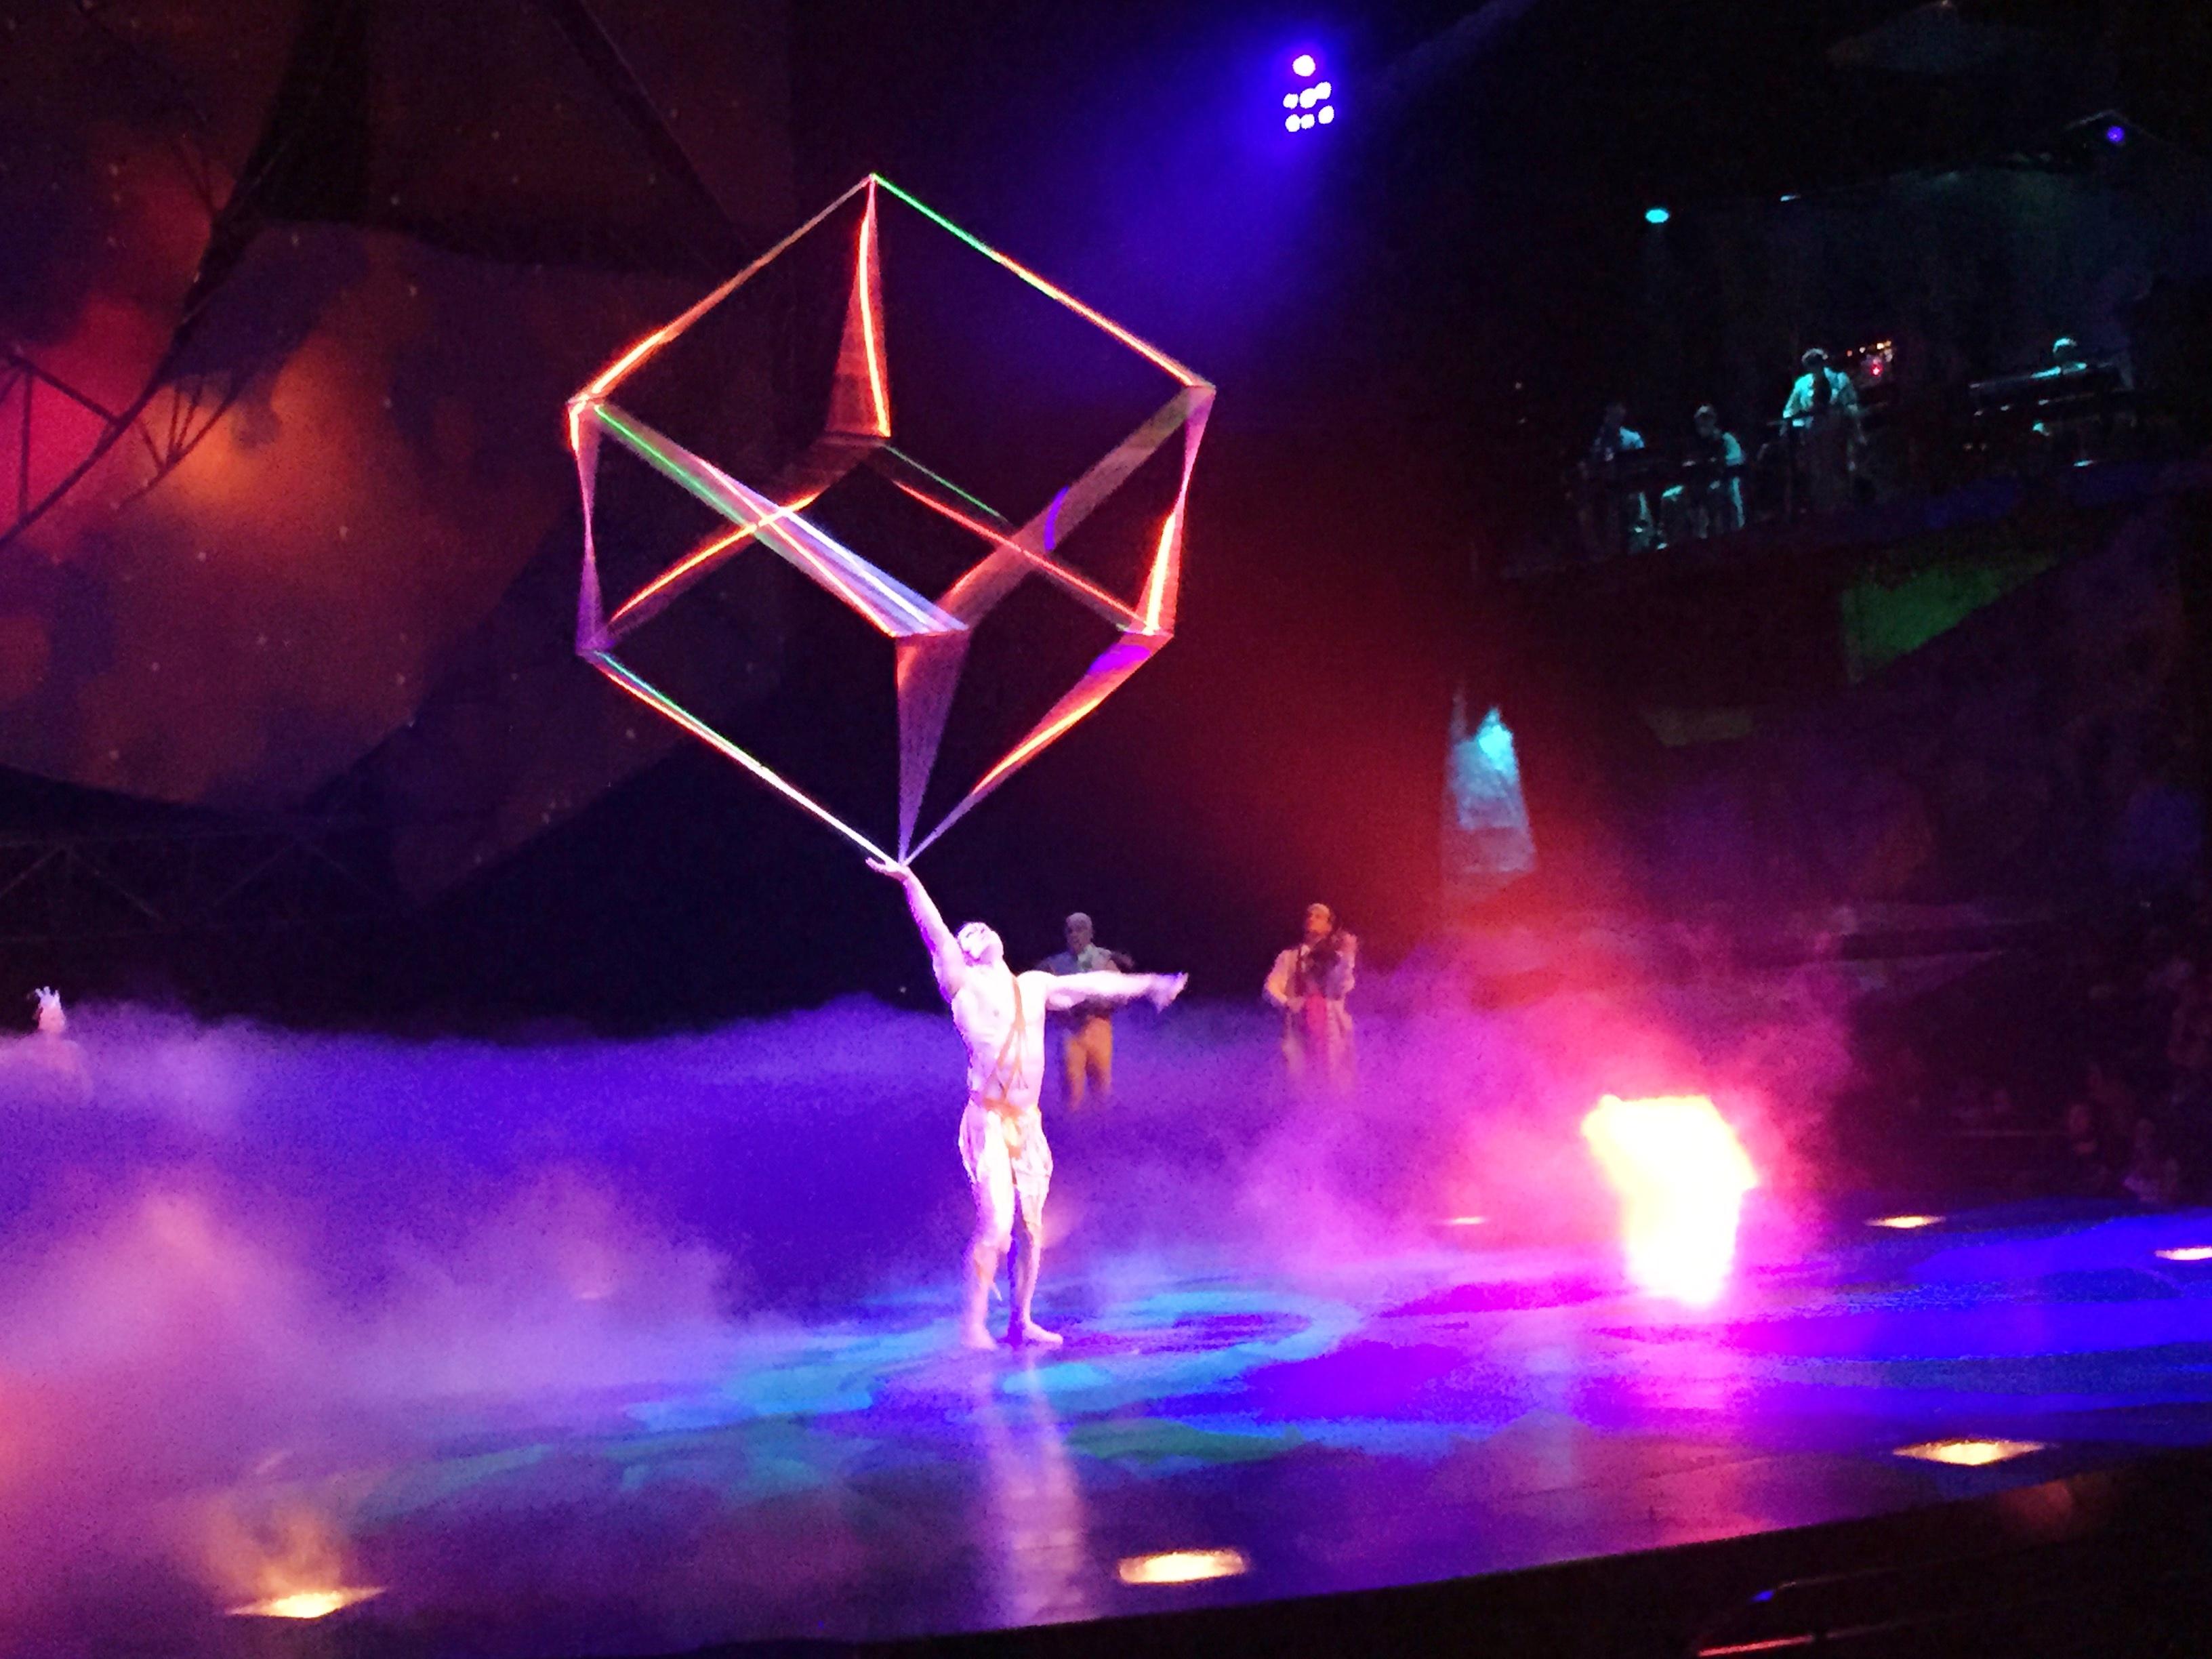 cirque du soleil las vegas mystere review